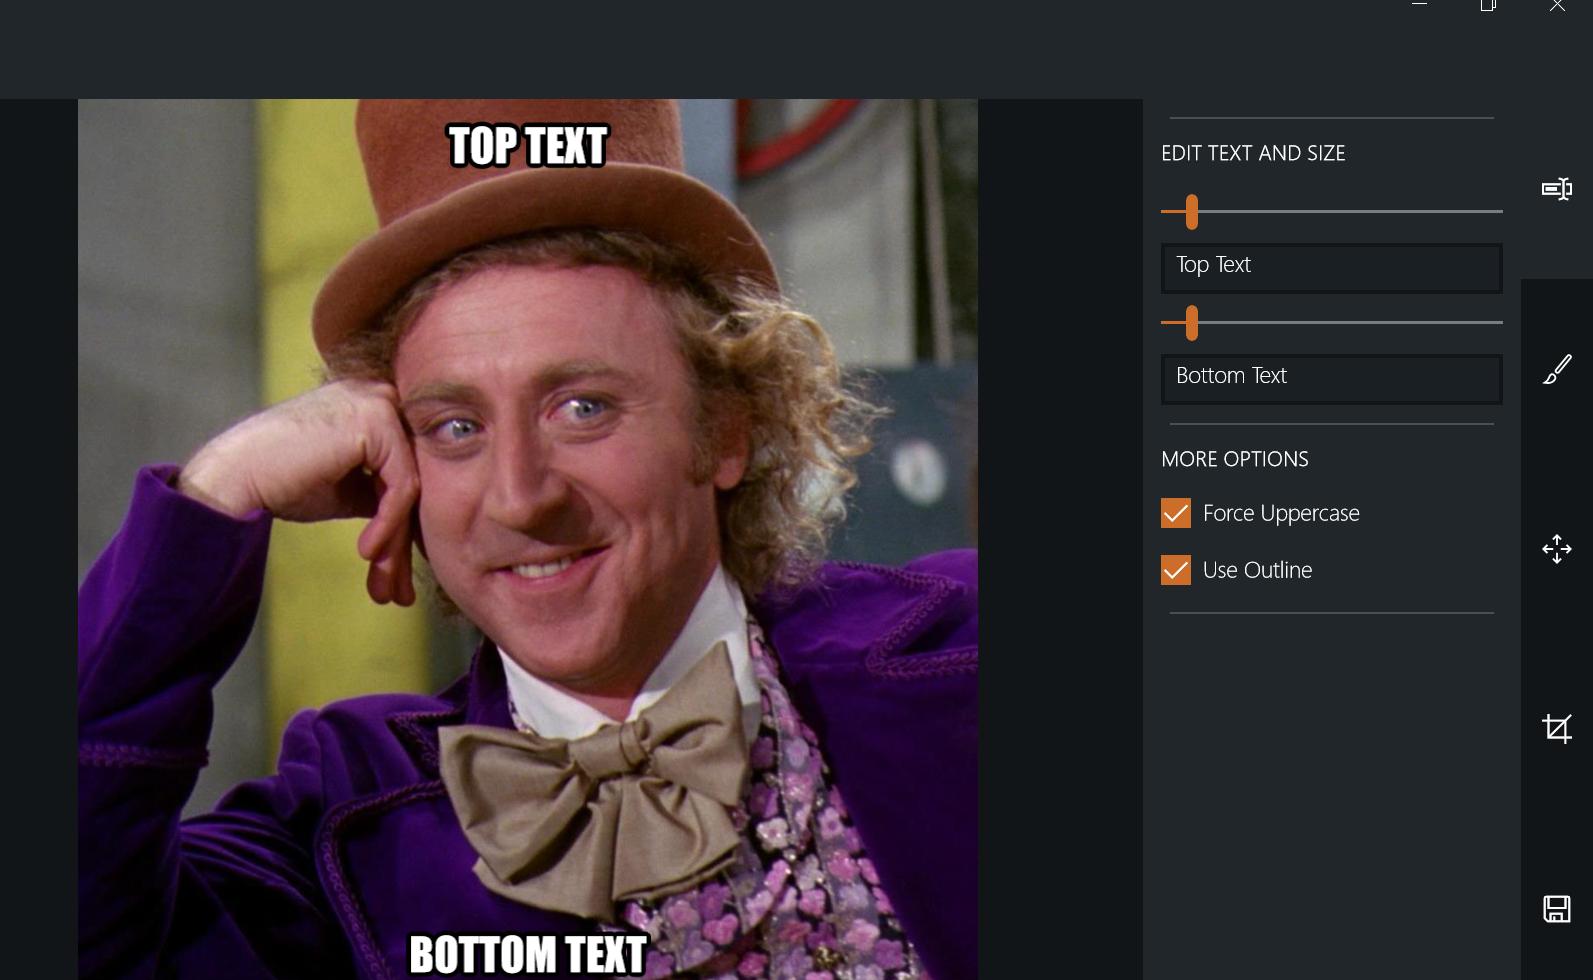 Crear memes con Meme Generator Suite en Windows 10